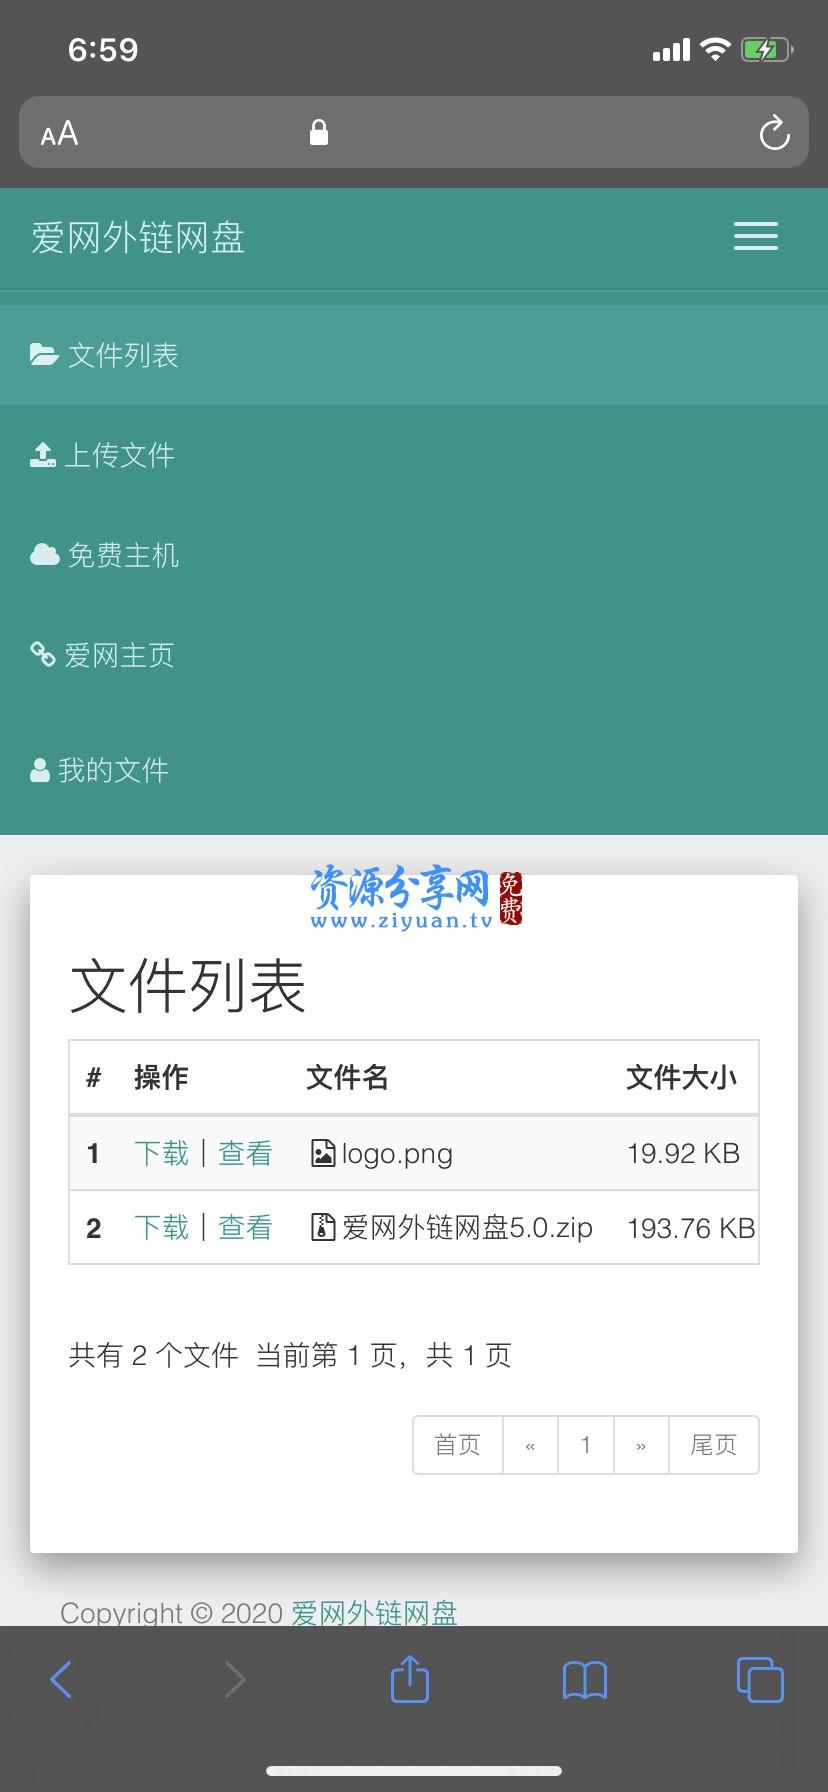 图片网盘外链系统 5.0 PHP 网盘与外链分享程序+支持图片违规检测+全新前端 UI 界面设计